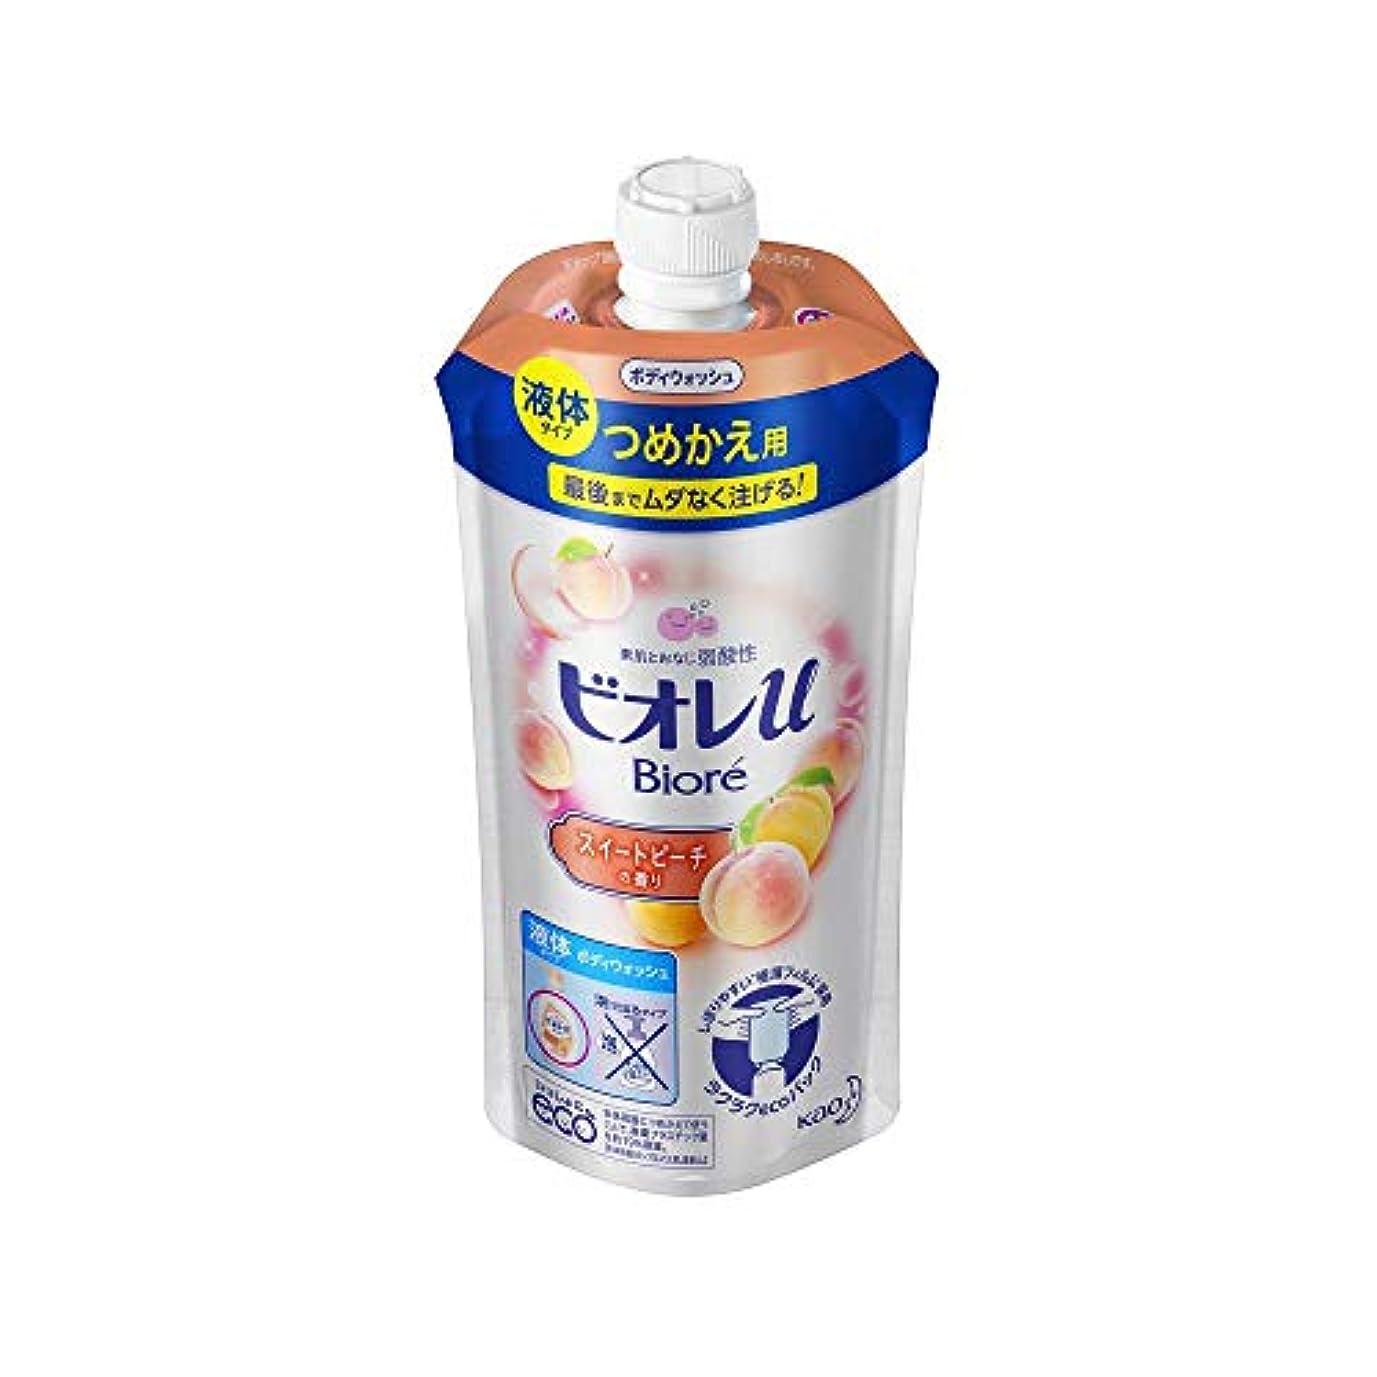 治療側取得花王 ビオレu スイートピーチの香りつめかえ用 340ML